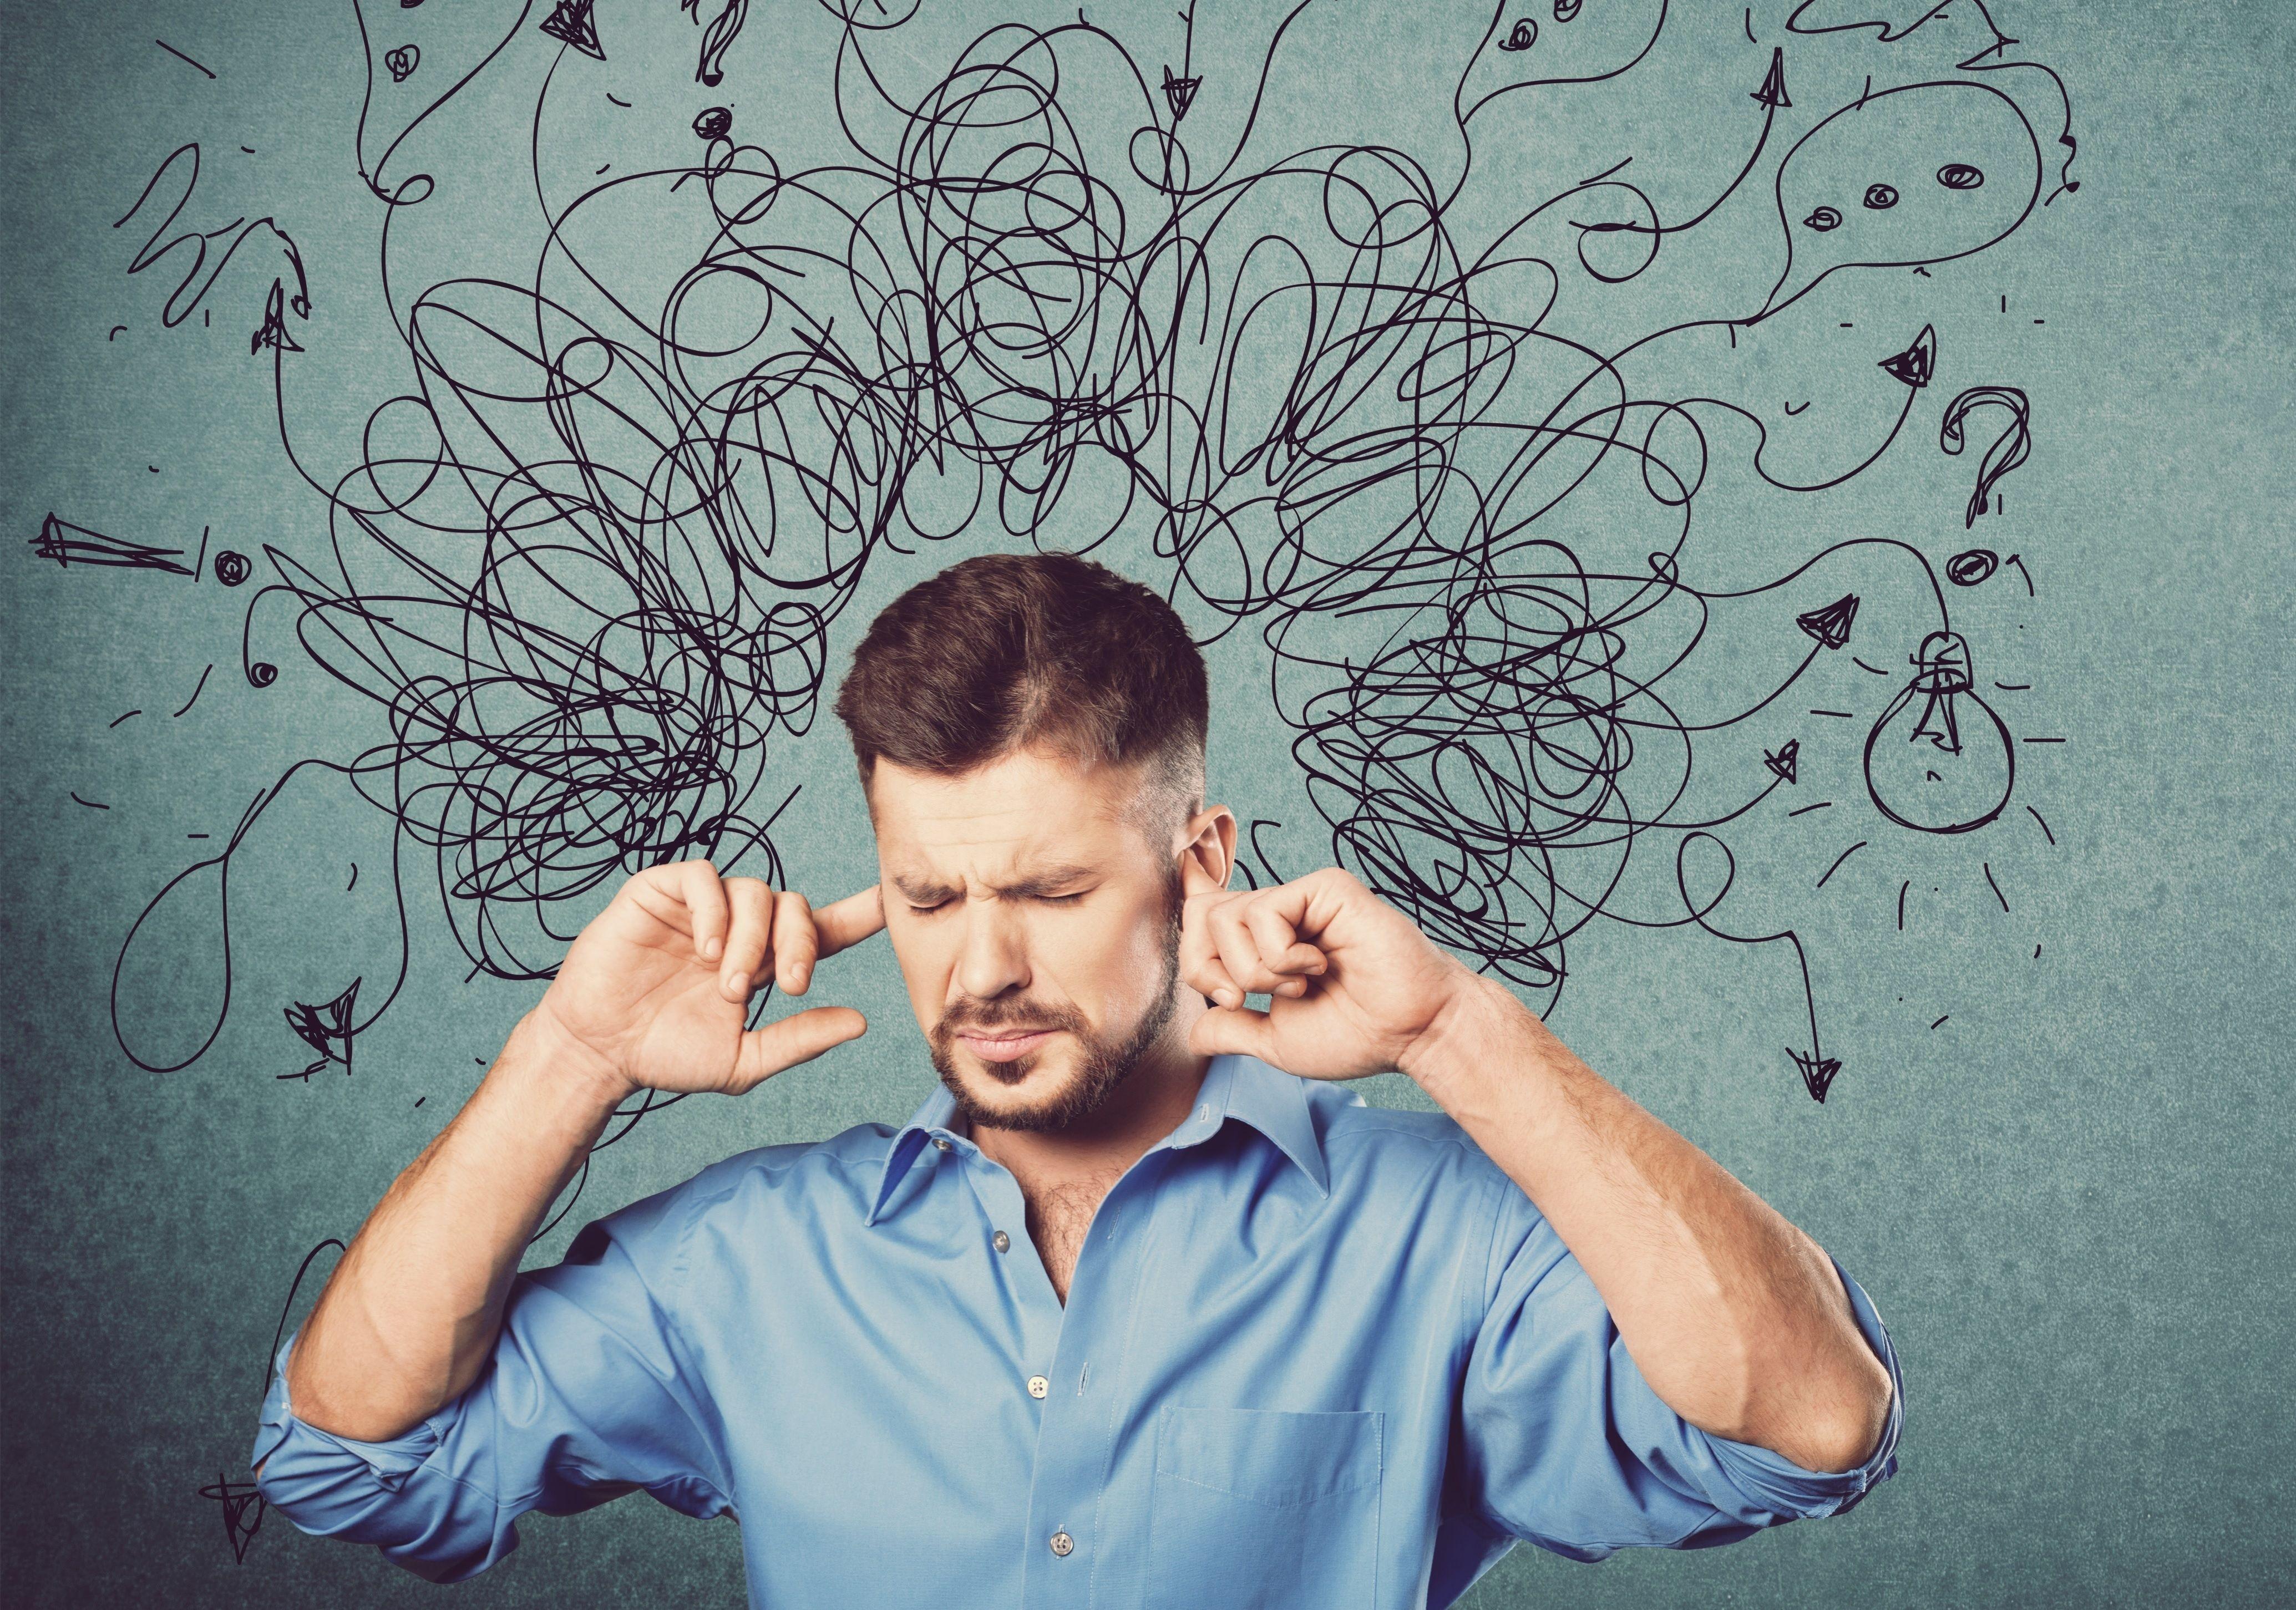 Ponad jedna trzecia pracowników czuje się w pewien sposób odizolowana w głośnych miejscach pracy (fot. shutterstock)